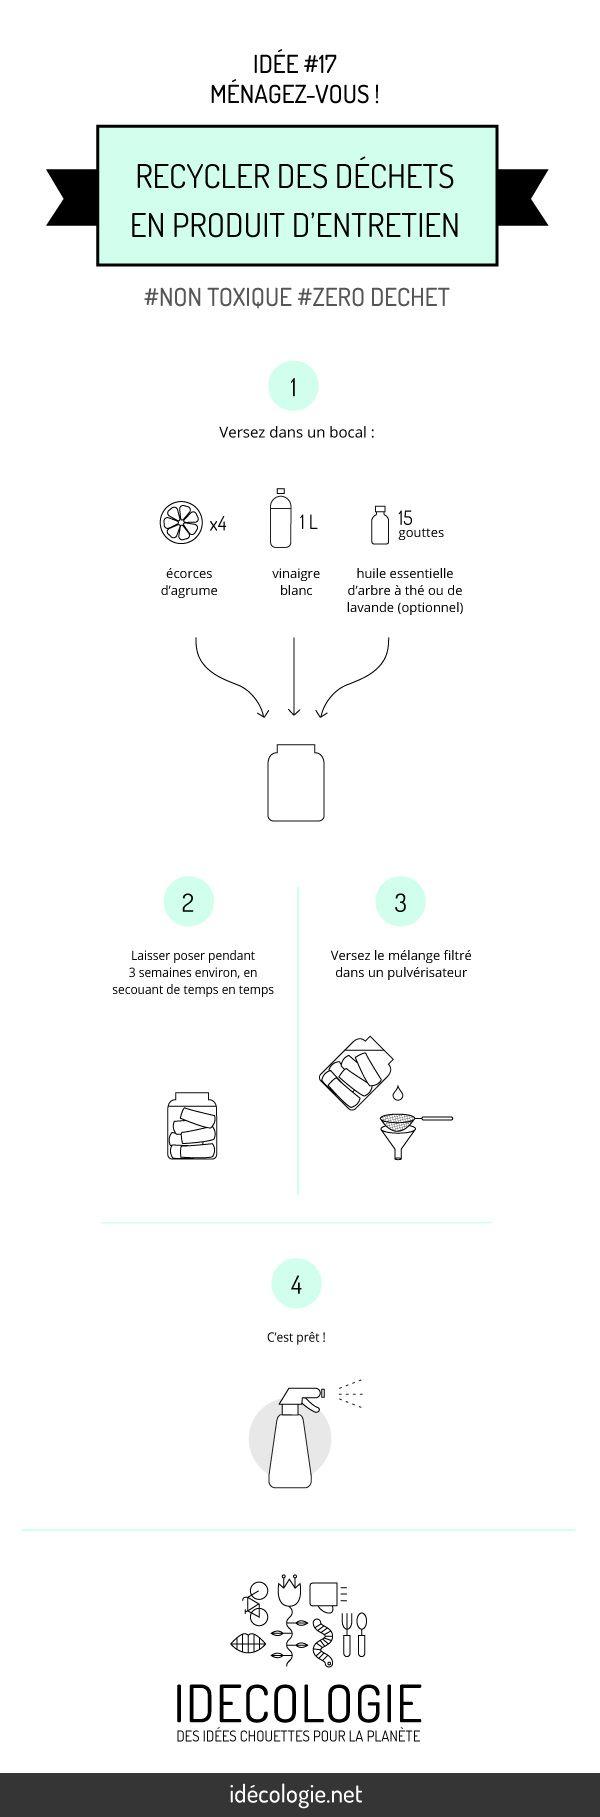 Recycler des déchets en produit d'entretien reutilisation nontoxique eco DEO